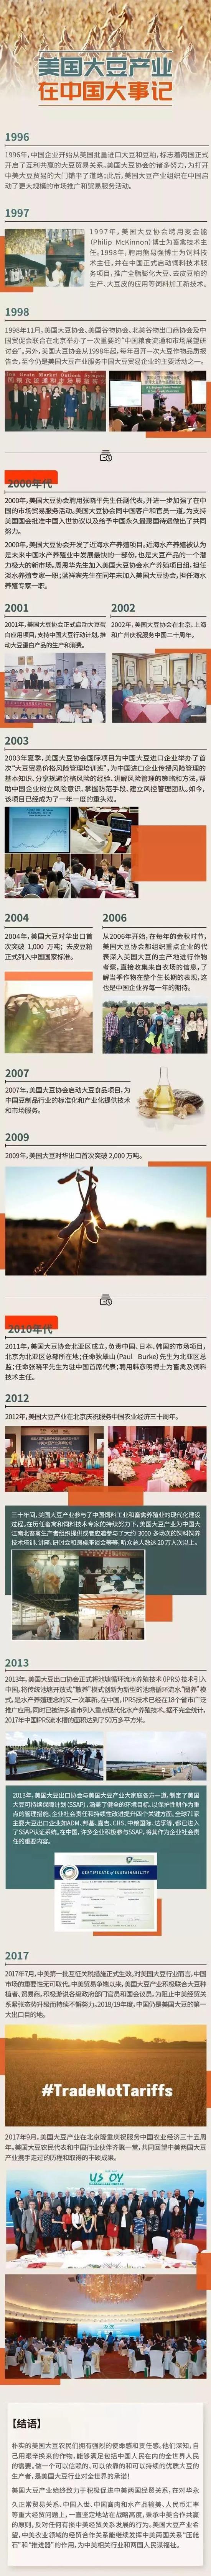 【实拍】许玮甯方回应结婚,视频还原详情始末